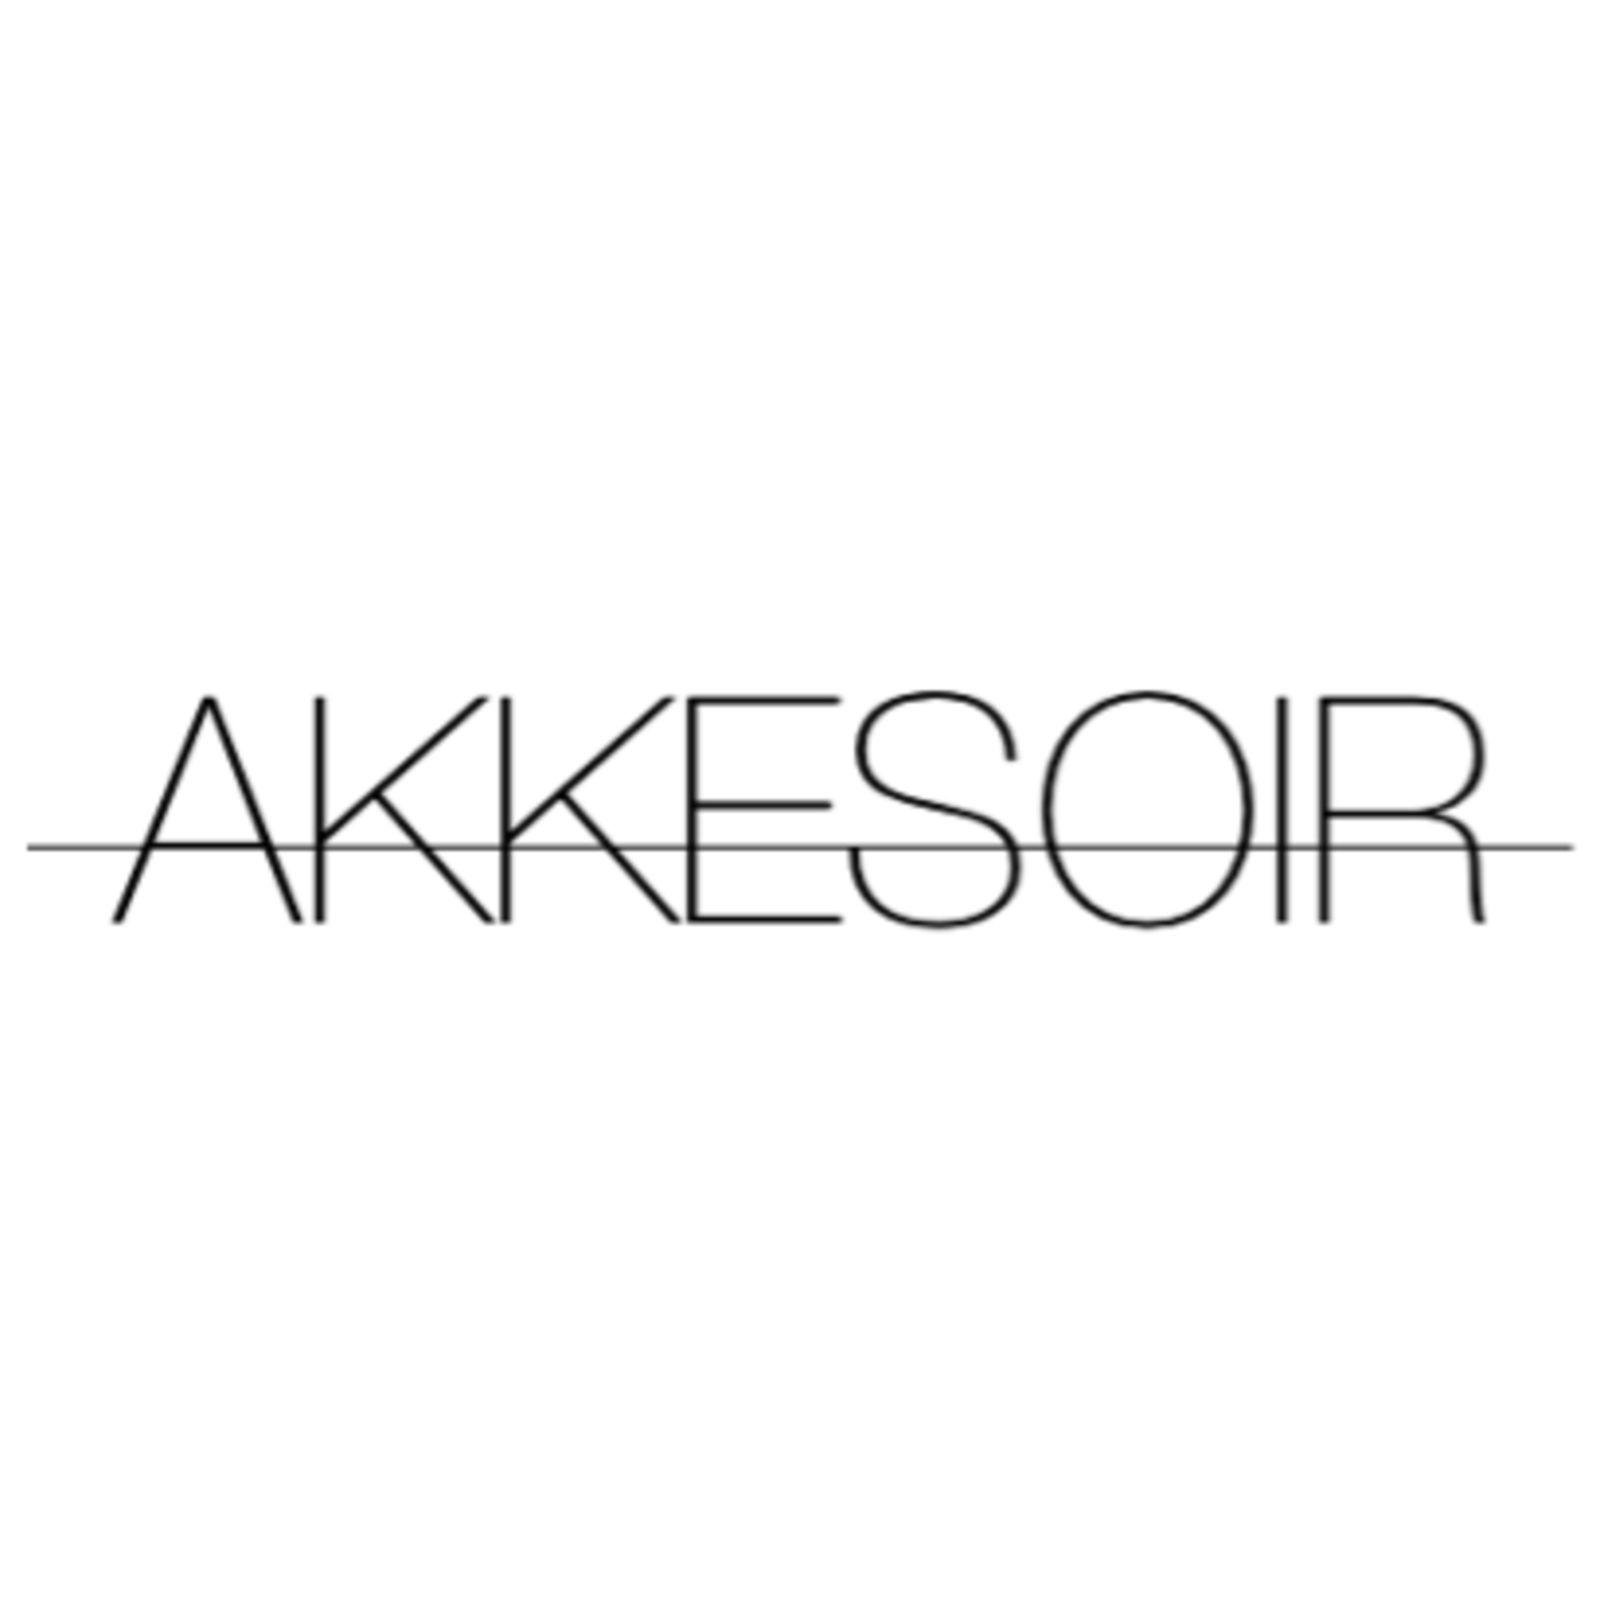 AKKESOIR